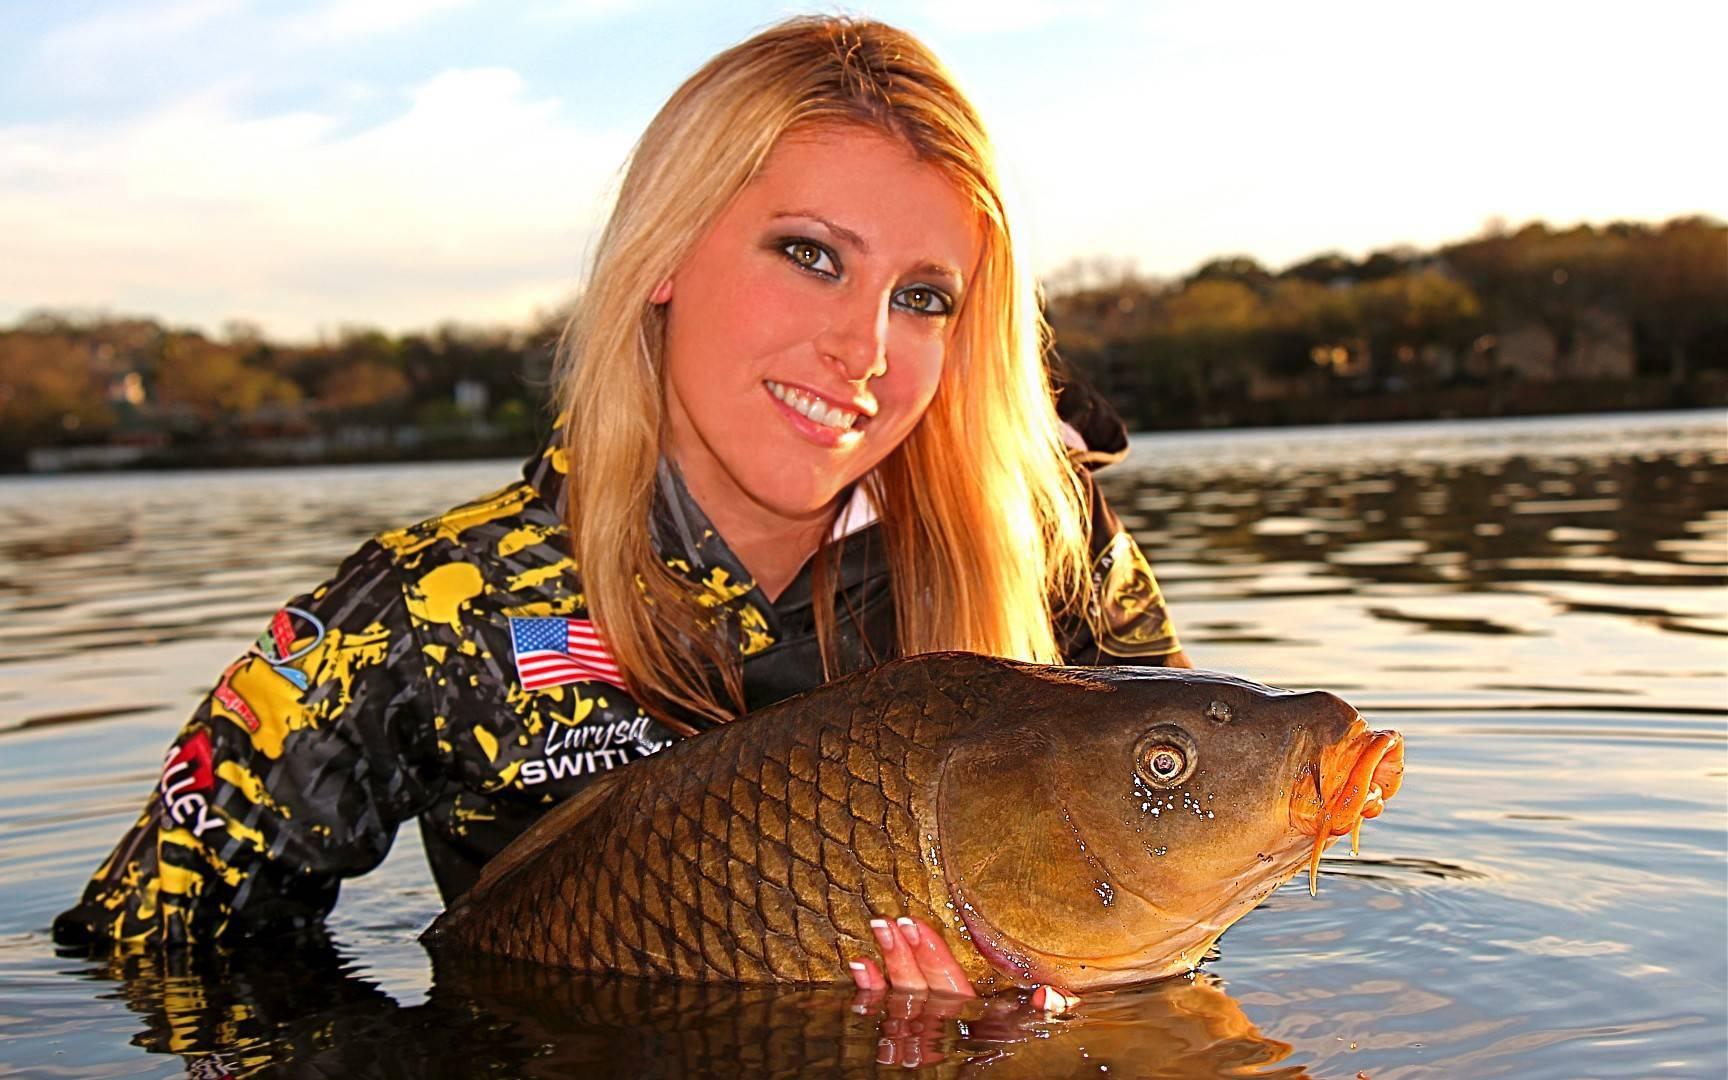 Сколько стоит любительская рыбалка